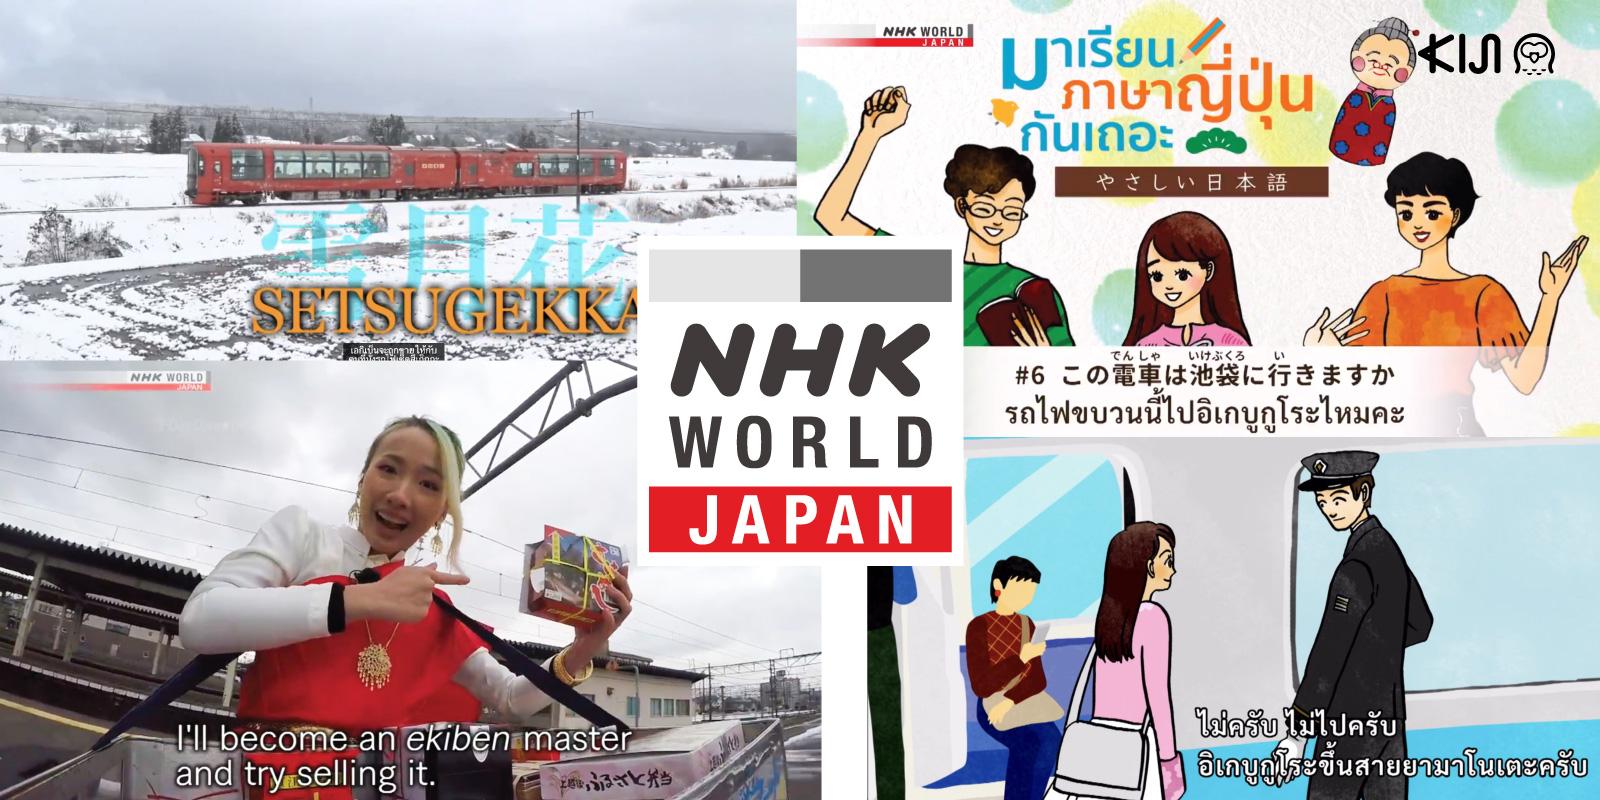 NHK WORLD JAPAN ช่องการเรียนภาษาญี่ปุ่น